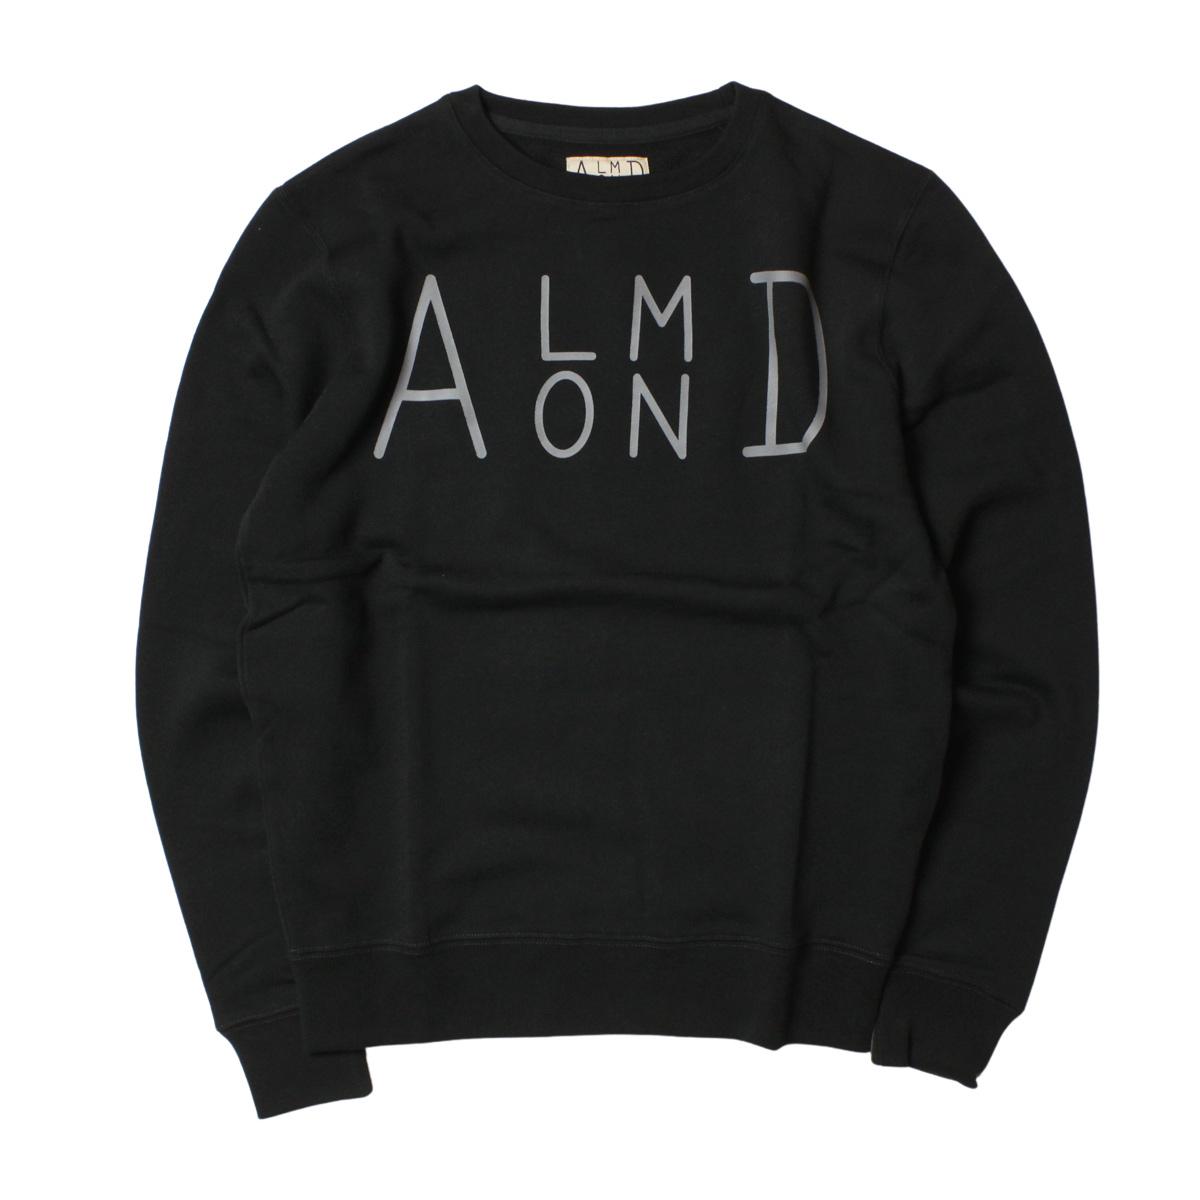 Almond Surf アーモンドサーフボードデザイン SIDESTACK LOGO